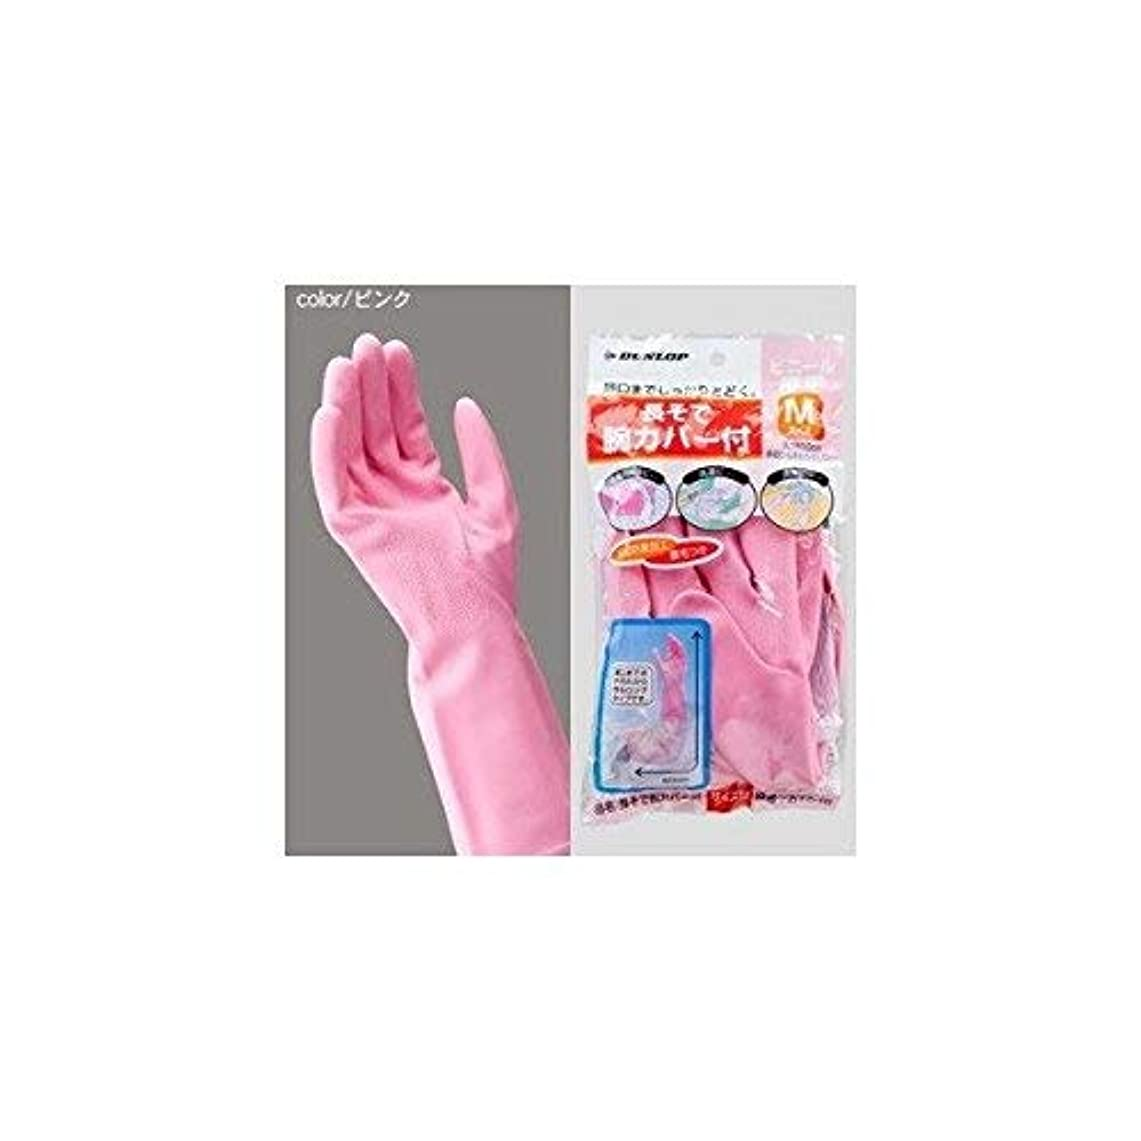 暗黙メドレー加害者ダンロップ ビニール手袋 厚手腕カバー付 M ピンク ×30個